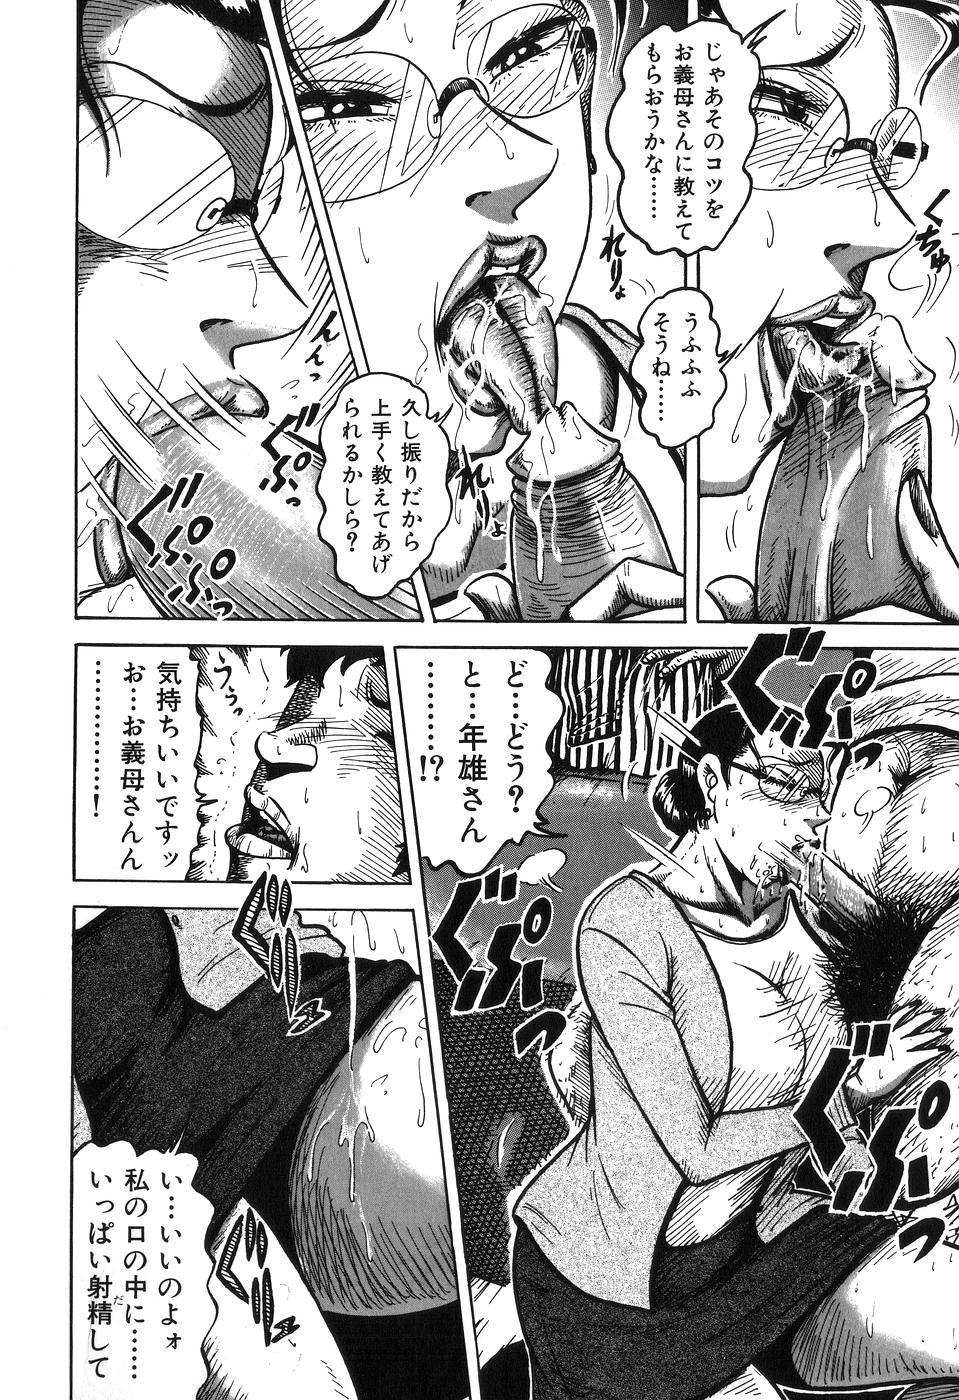 Jukubo Soukan Yosoji no Tawamure 139